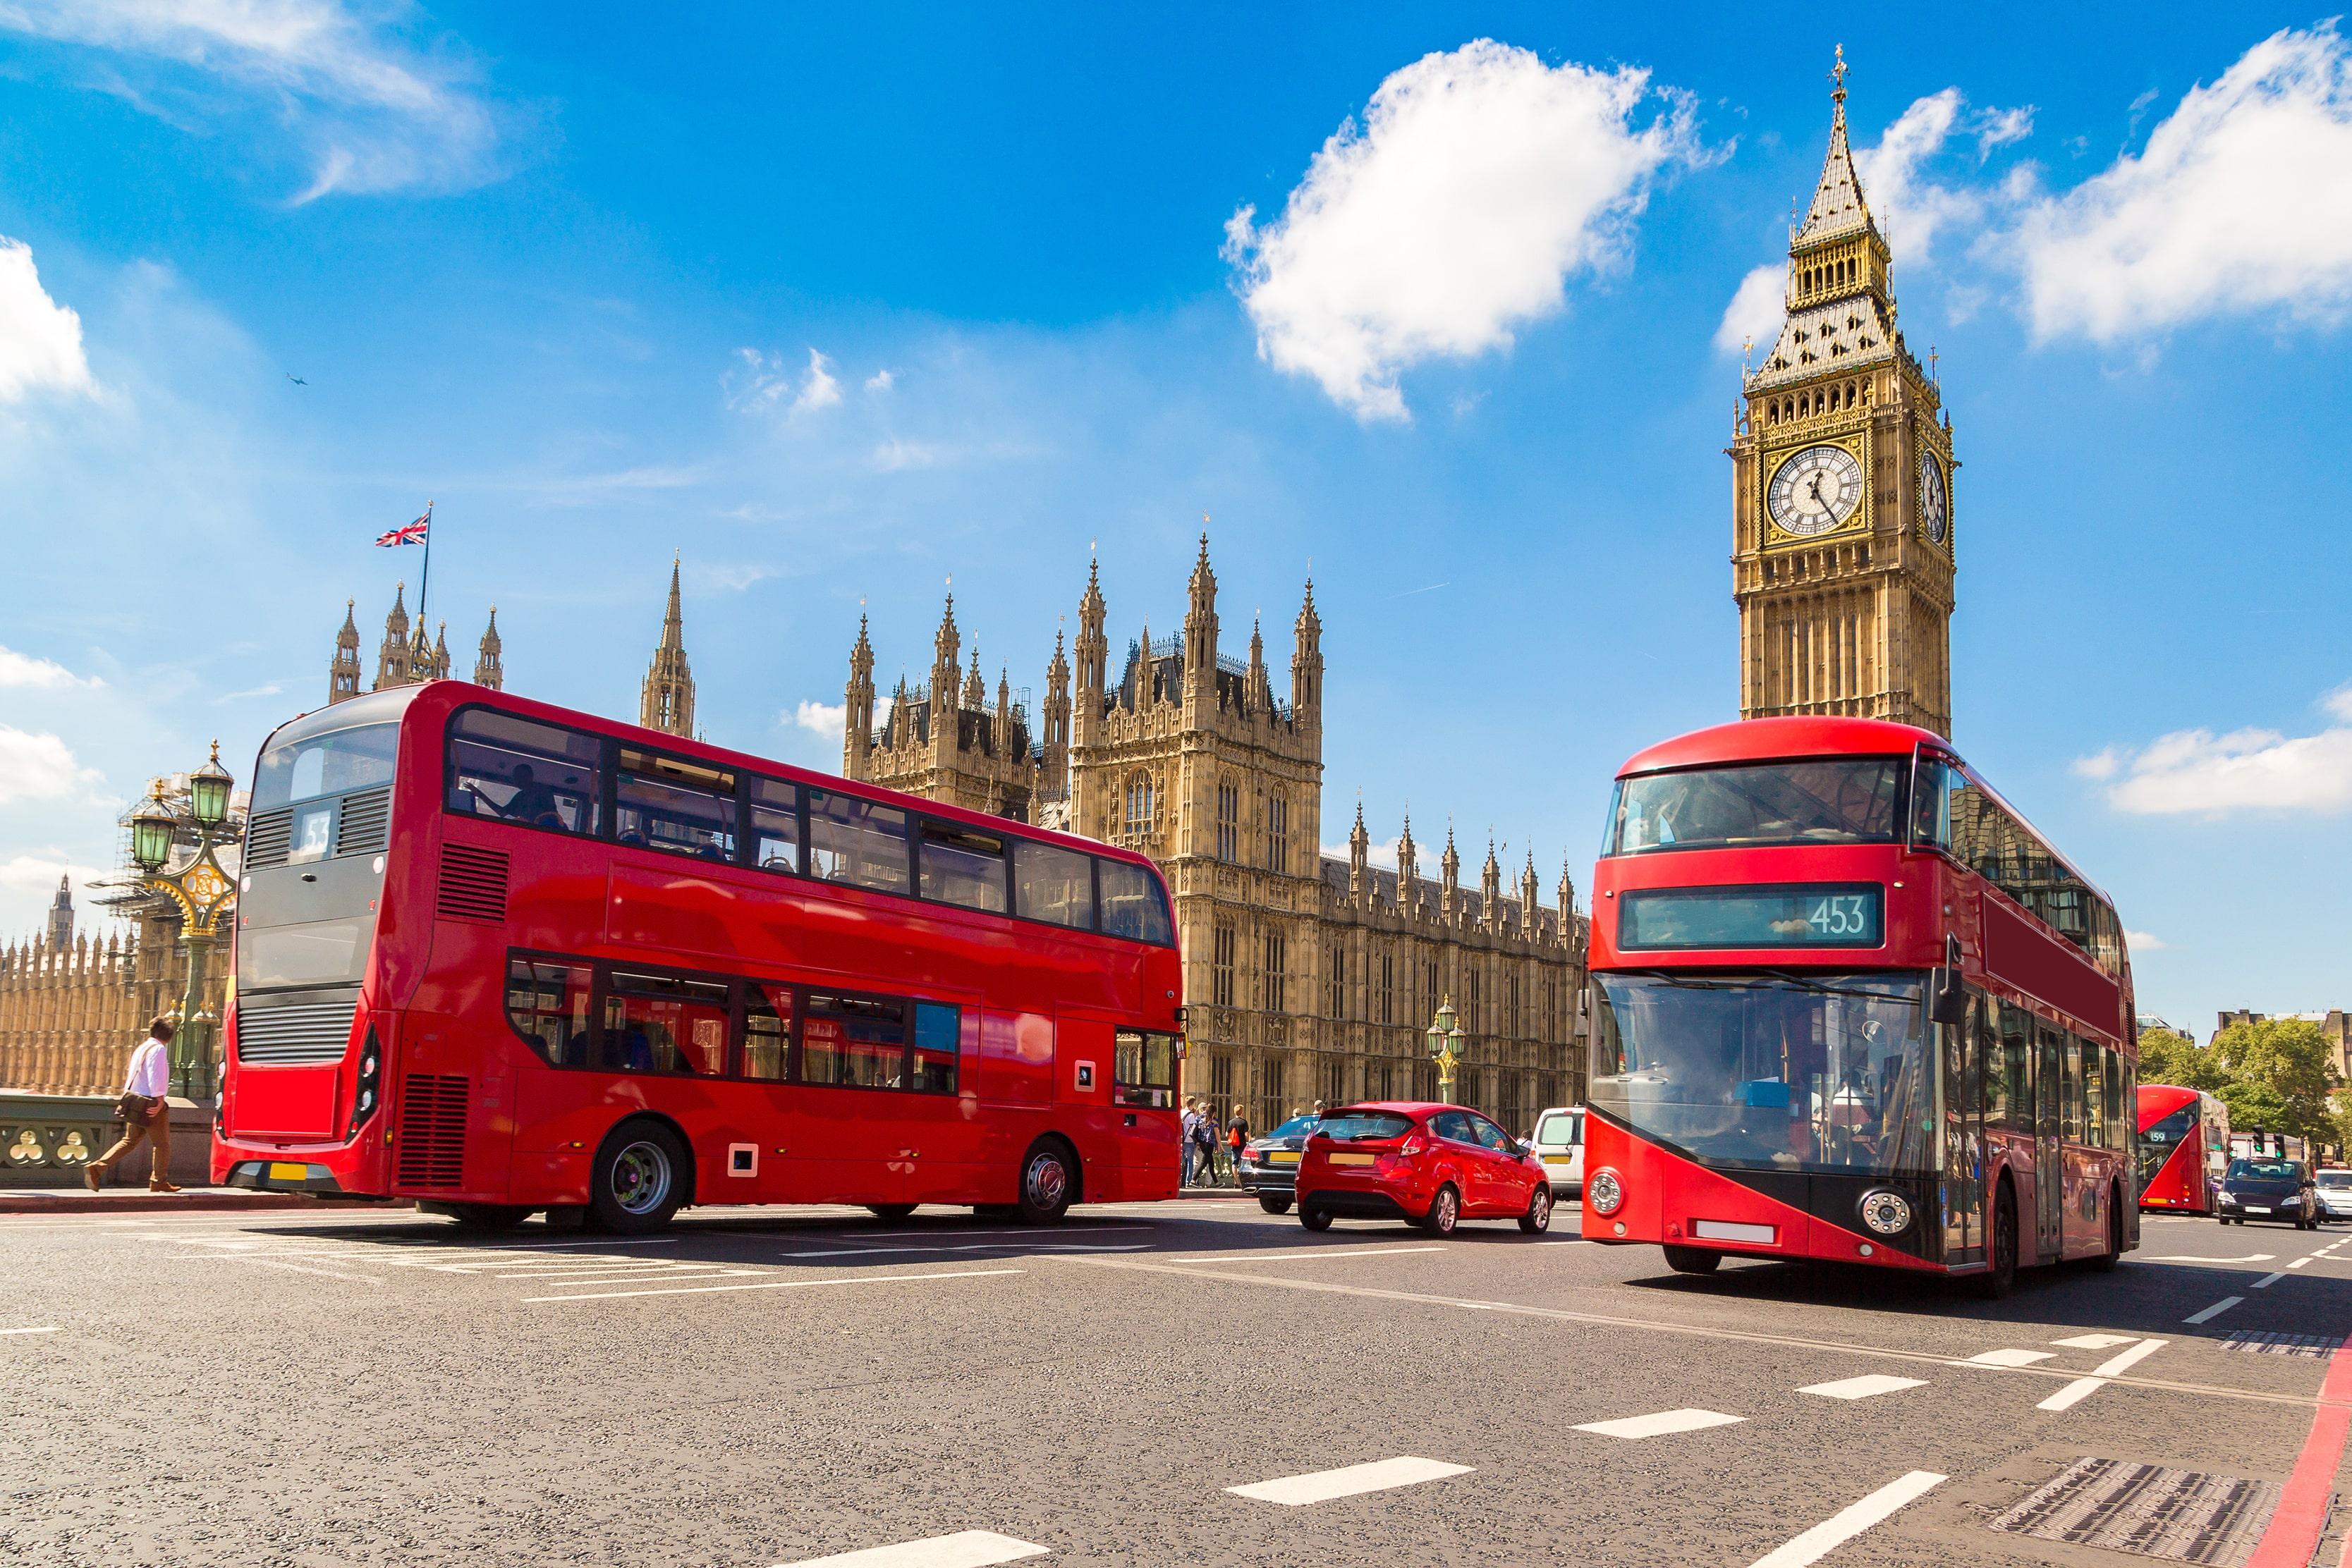 「ロンドンバス フリー 高画質」の画像検索結果